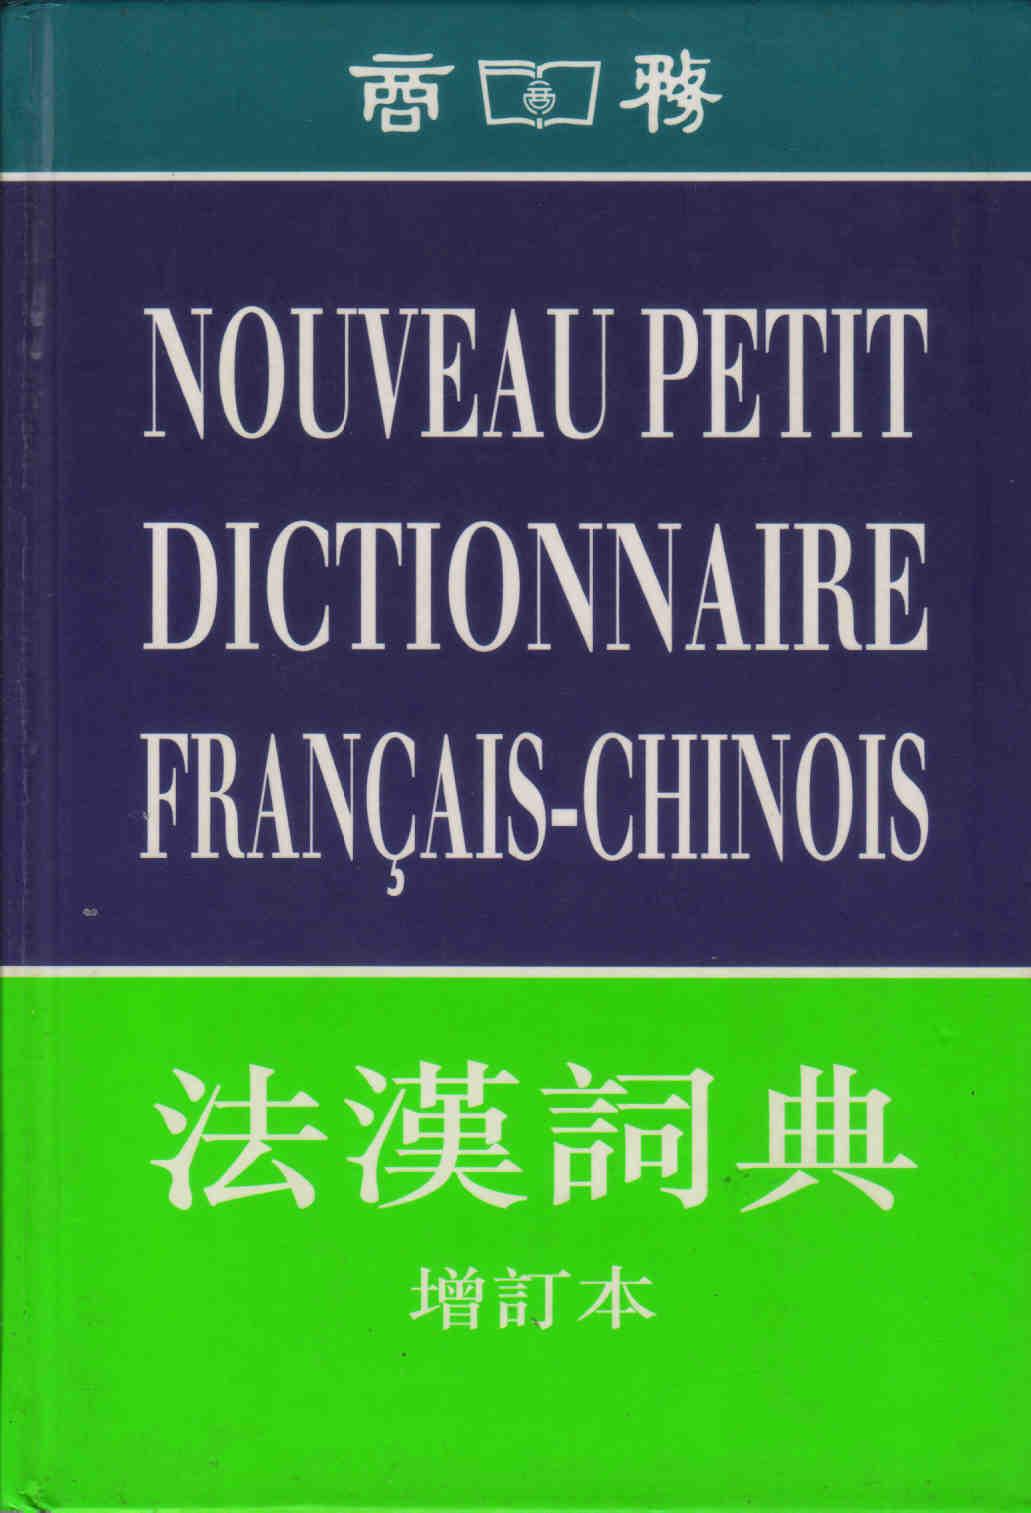 Nouveau petit dictionnaire français-chinois